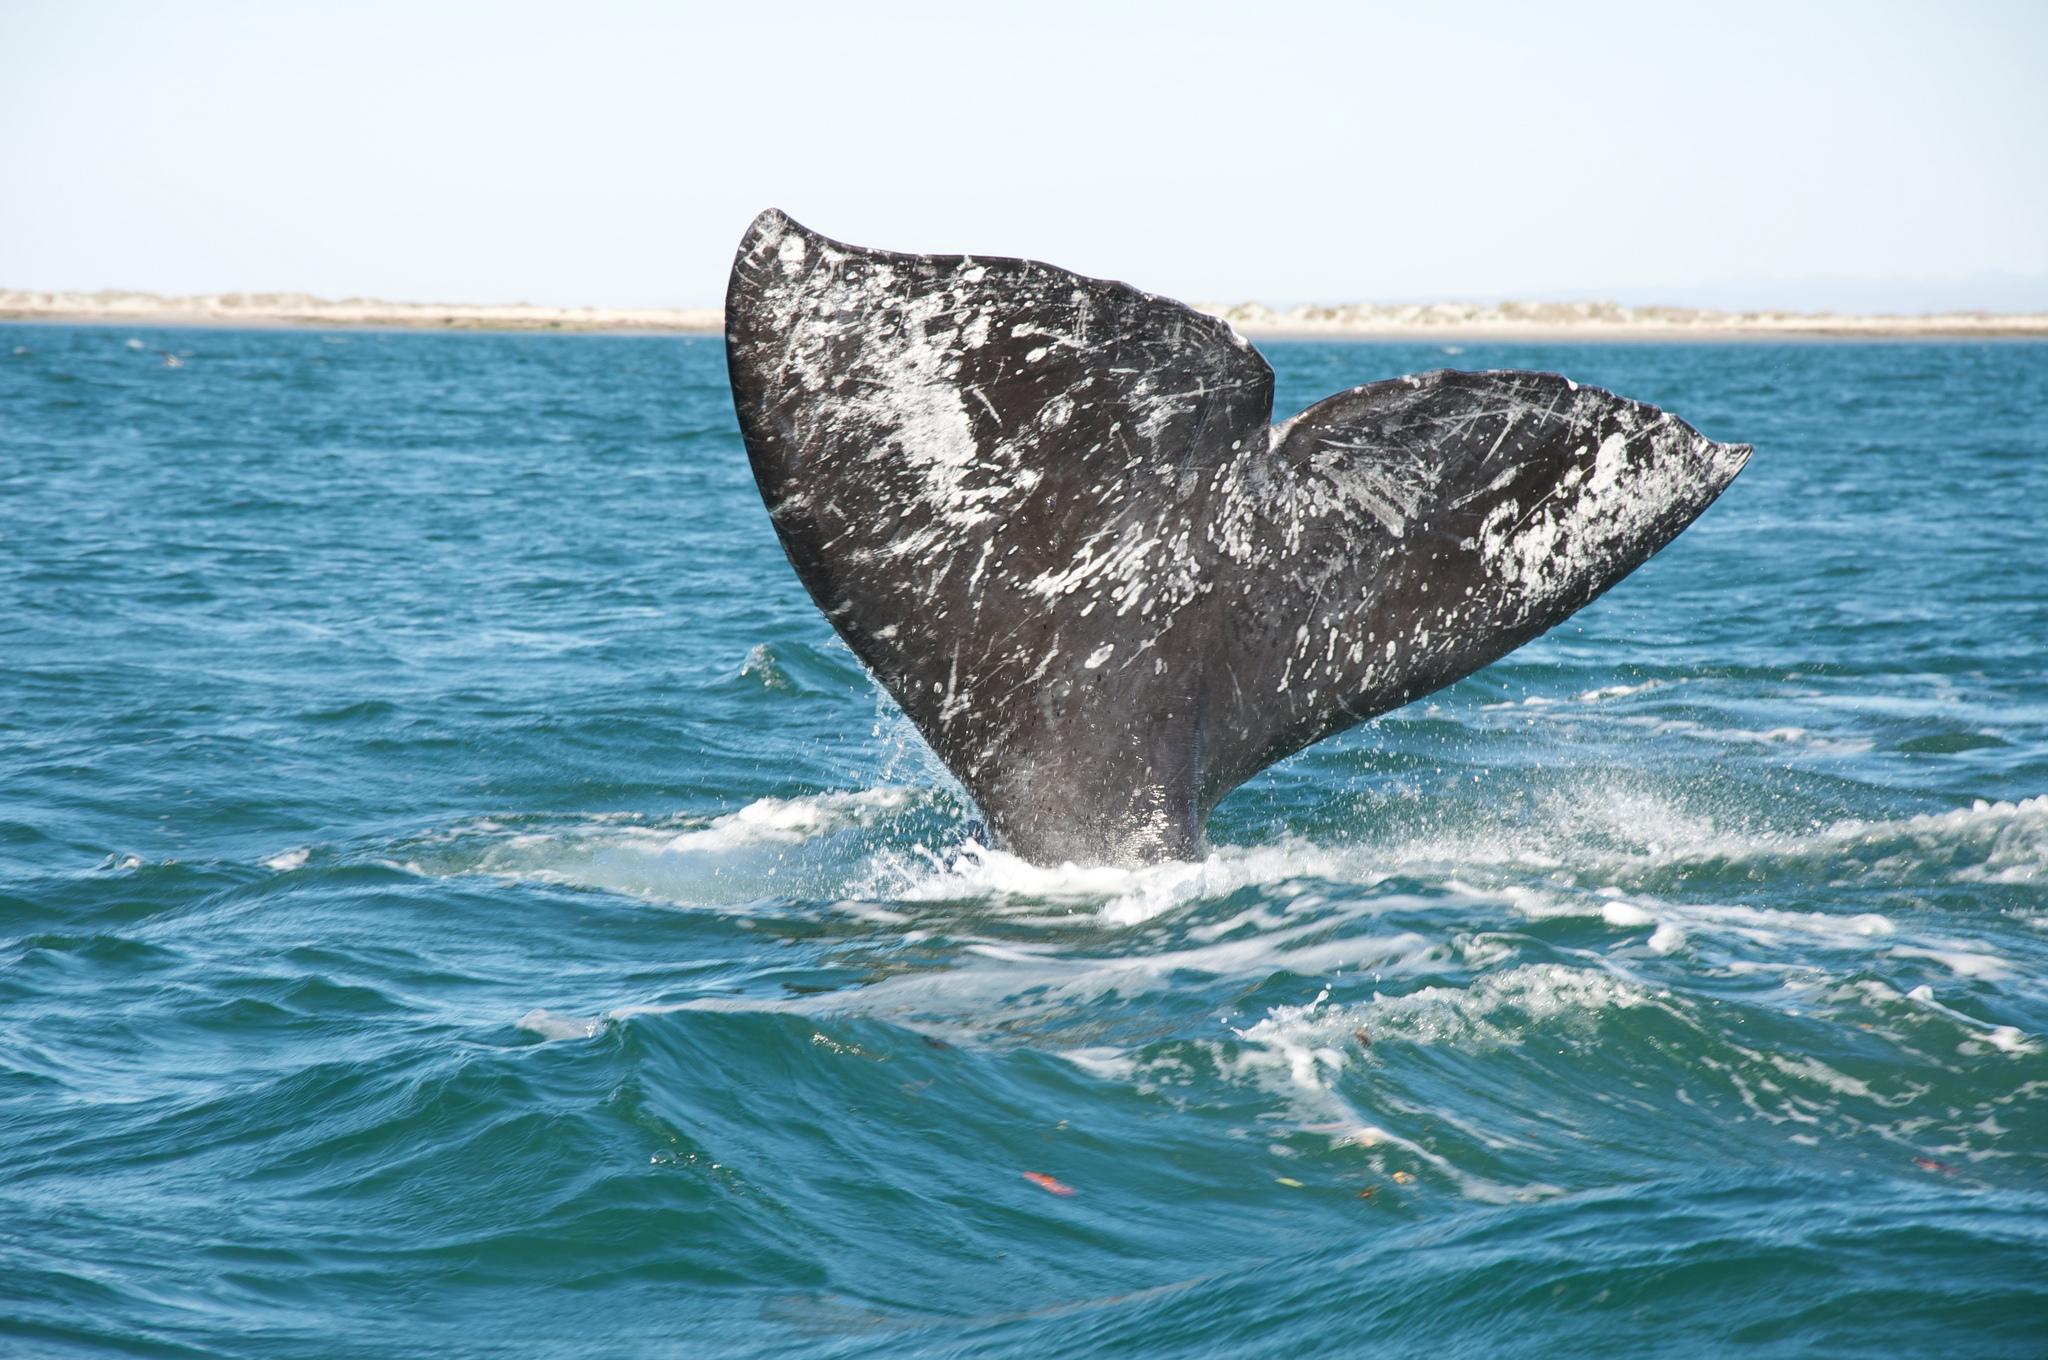 Northwest Credit Union >> Spring Whale Watching Along the Washington Coast ...